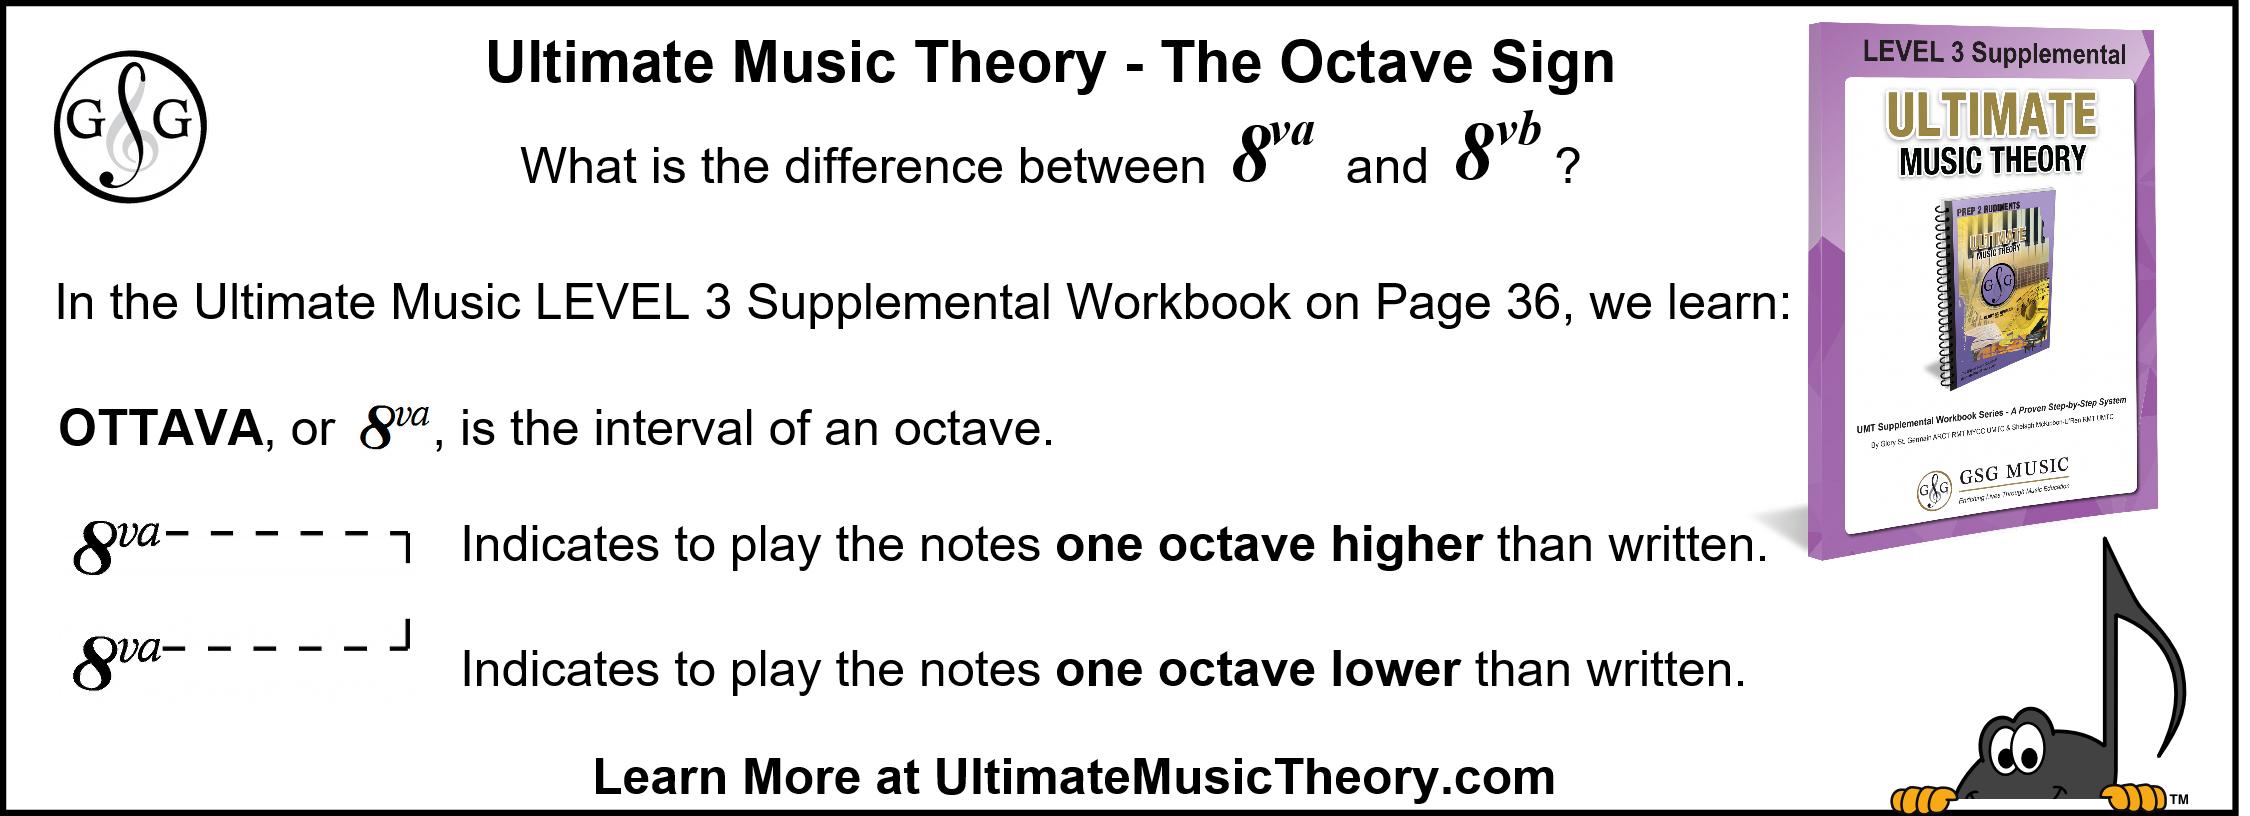 UMT Octave Sign Level 3 Supplemental Workbook